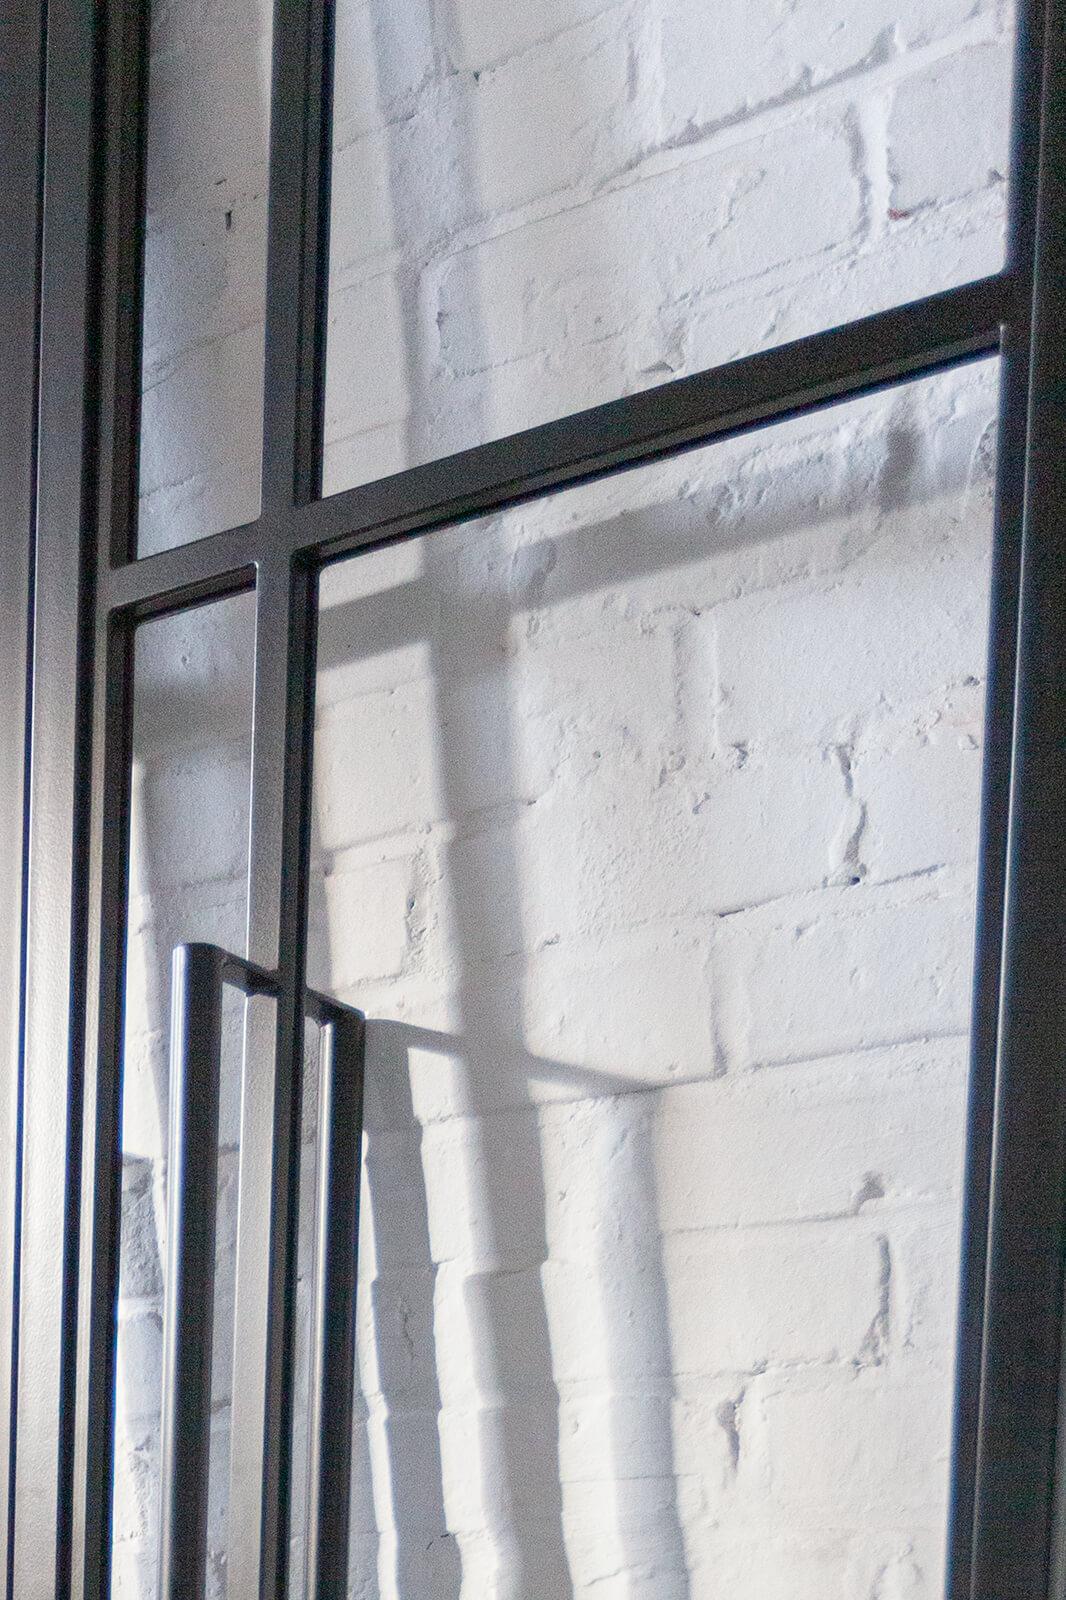 Loftstahl Loft-Stahl,N51E12 , Stahl Loft Tür, optische Glasaufteilung, 30x15mm Gleisleiste